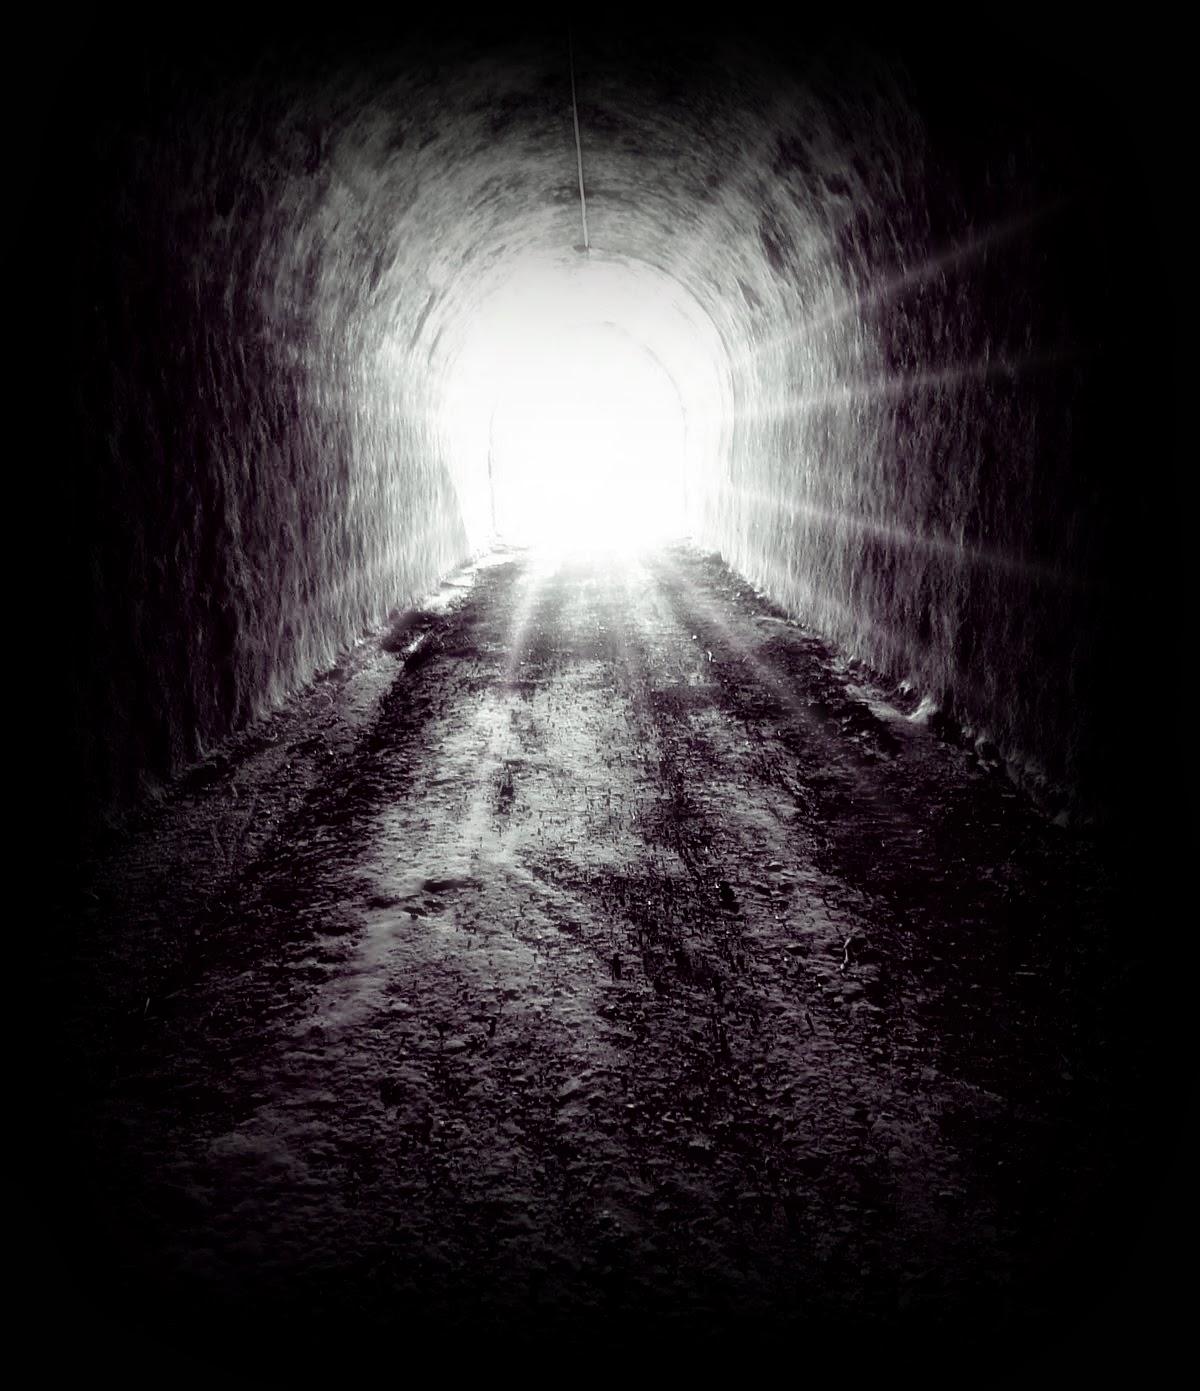 Lei_geral_sobre_concursos_públicos_uma_luz_no_fim_do_túnel